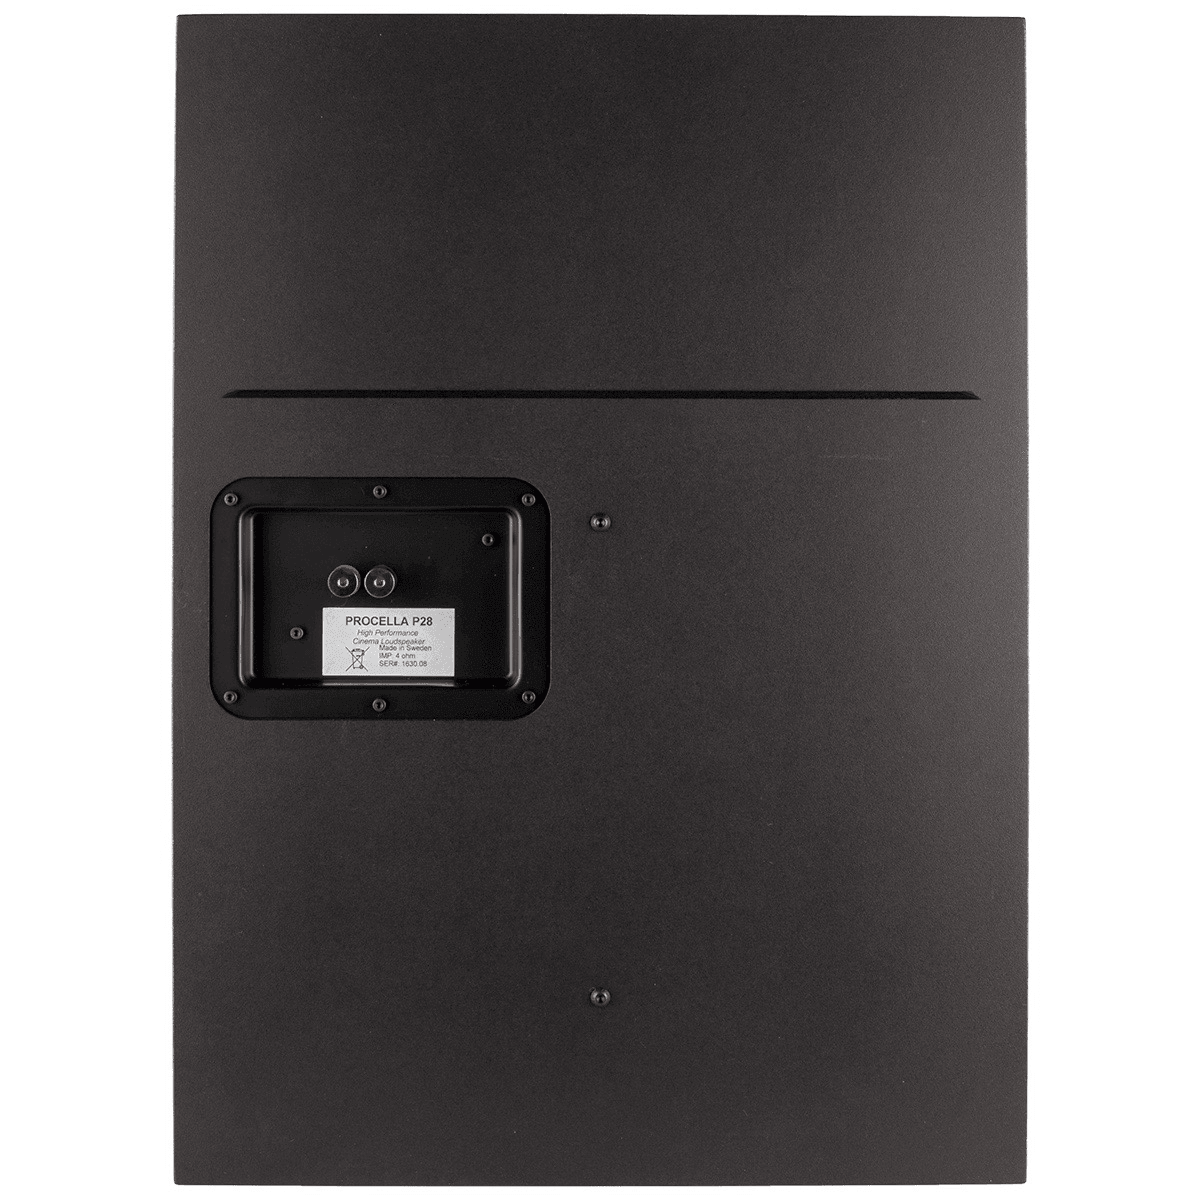 Procella P28 rear view 1200×1200